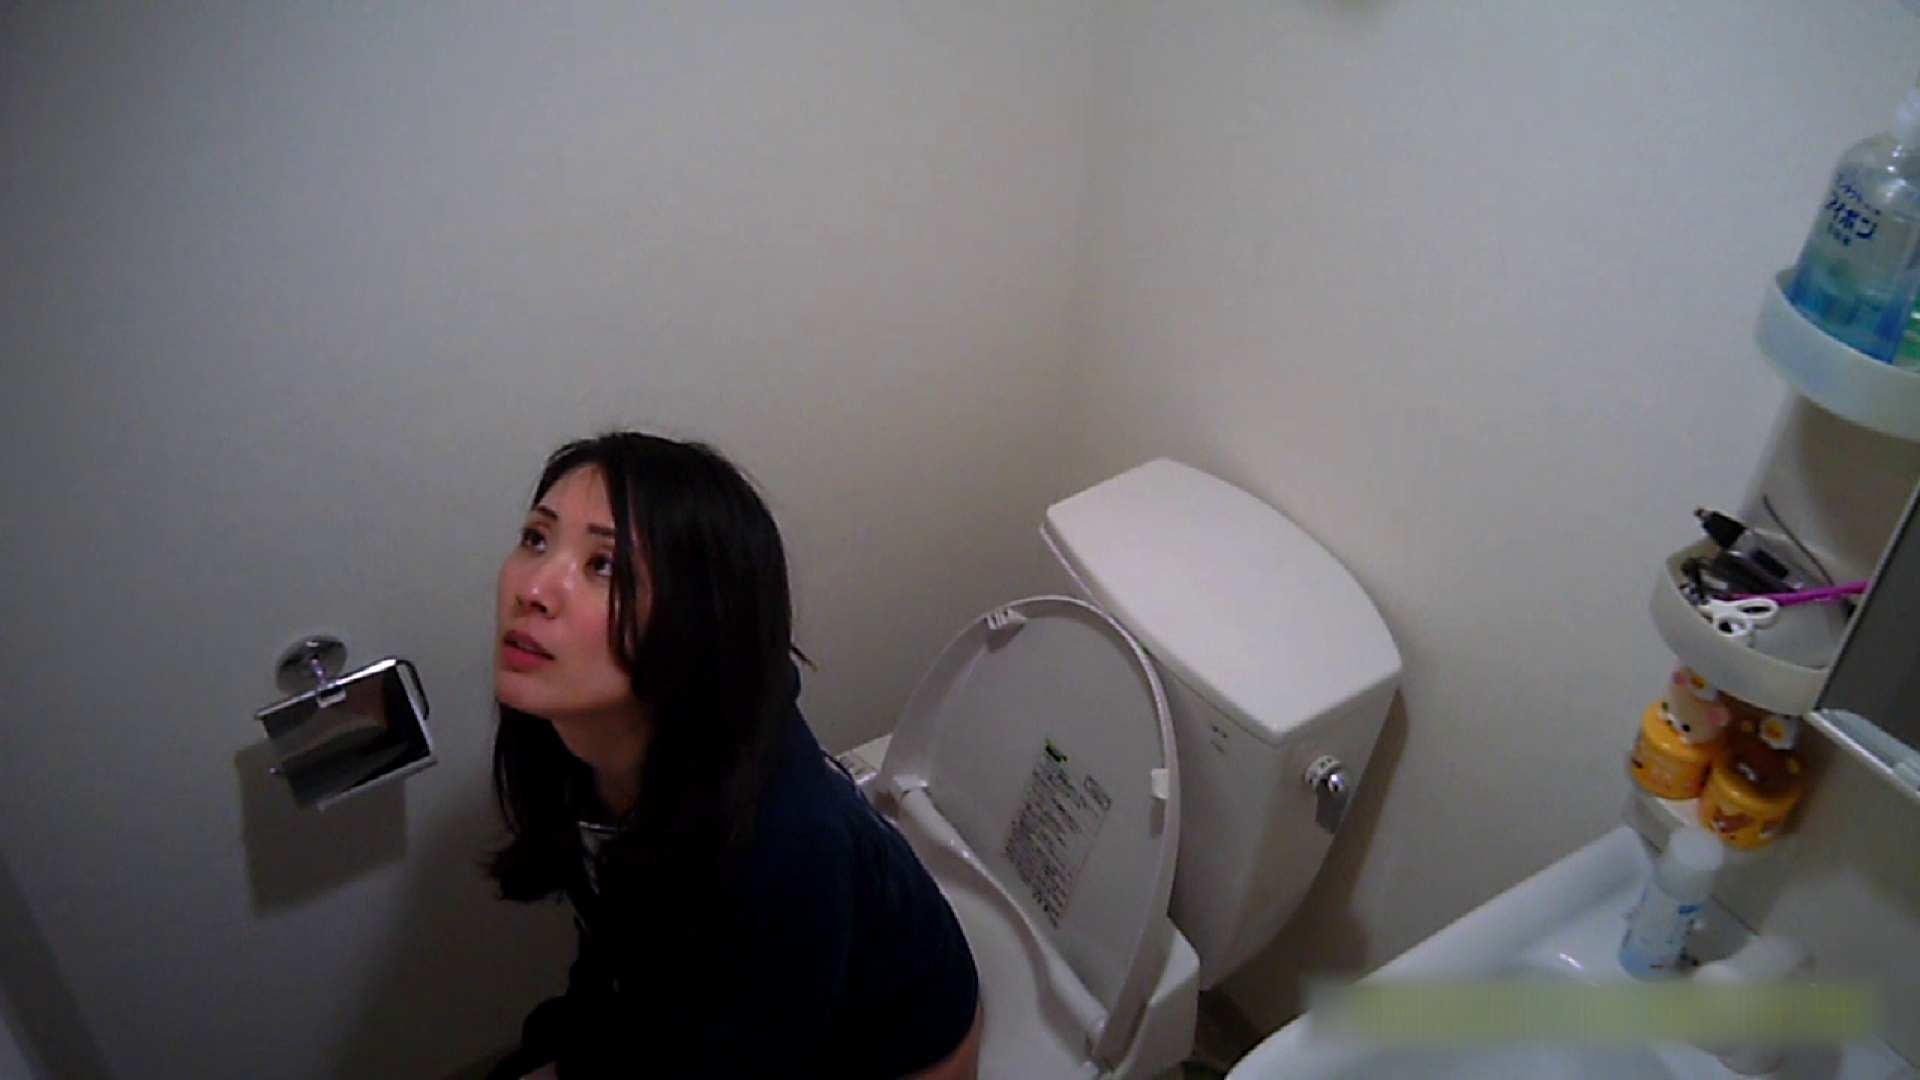 清楚な顔してかなり敏感なE子25歳(仮名)Vol.04 トイレ編 高画質 戯れ無修正画像 62画像 38